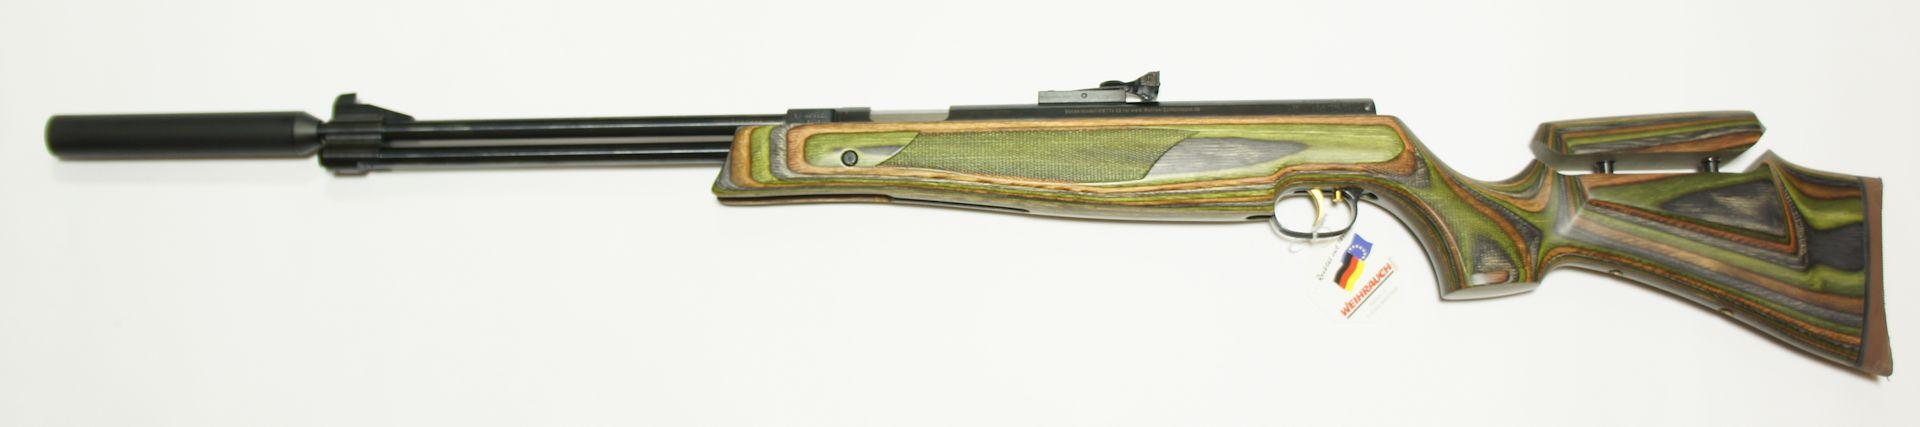 HW 77 K sd grüner Schichtholzschaft mit verstellbarer Schaftbacke ohne ZF 4,5mm